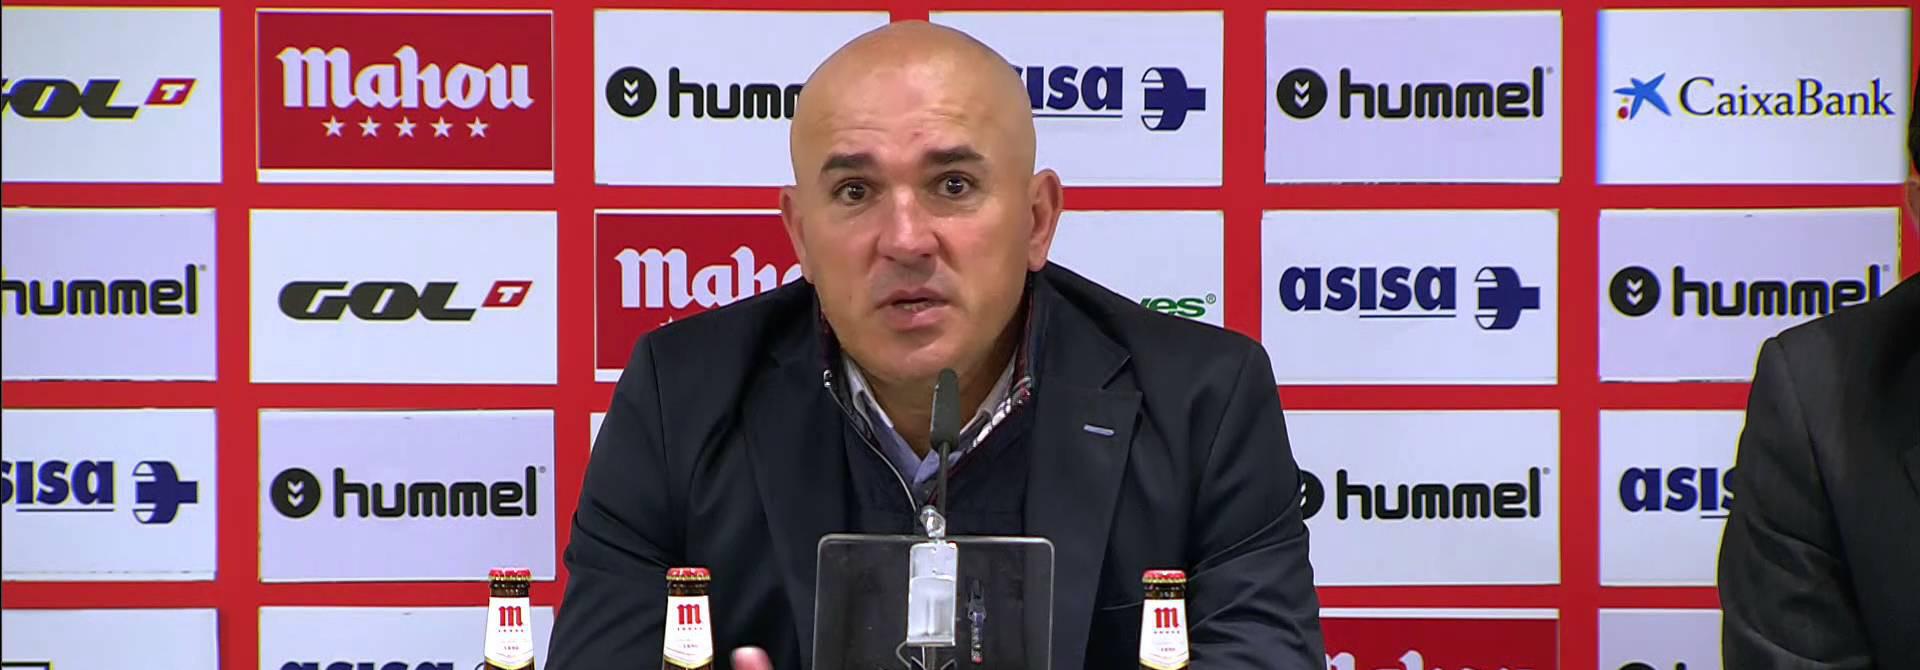 Luis César Sampedro durante una rueda de prensa como entrenador del Albacete Balompié <em><strong>(Imagen Vía YouTube)</strong></em>